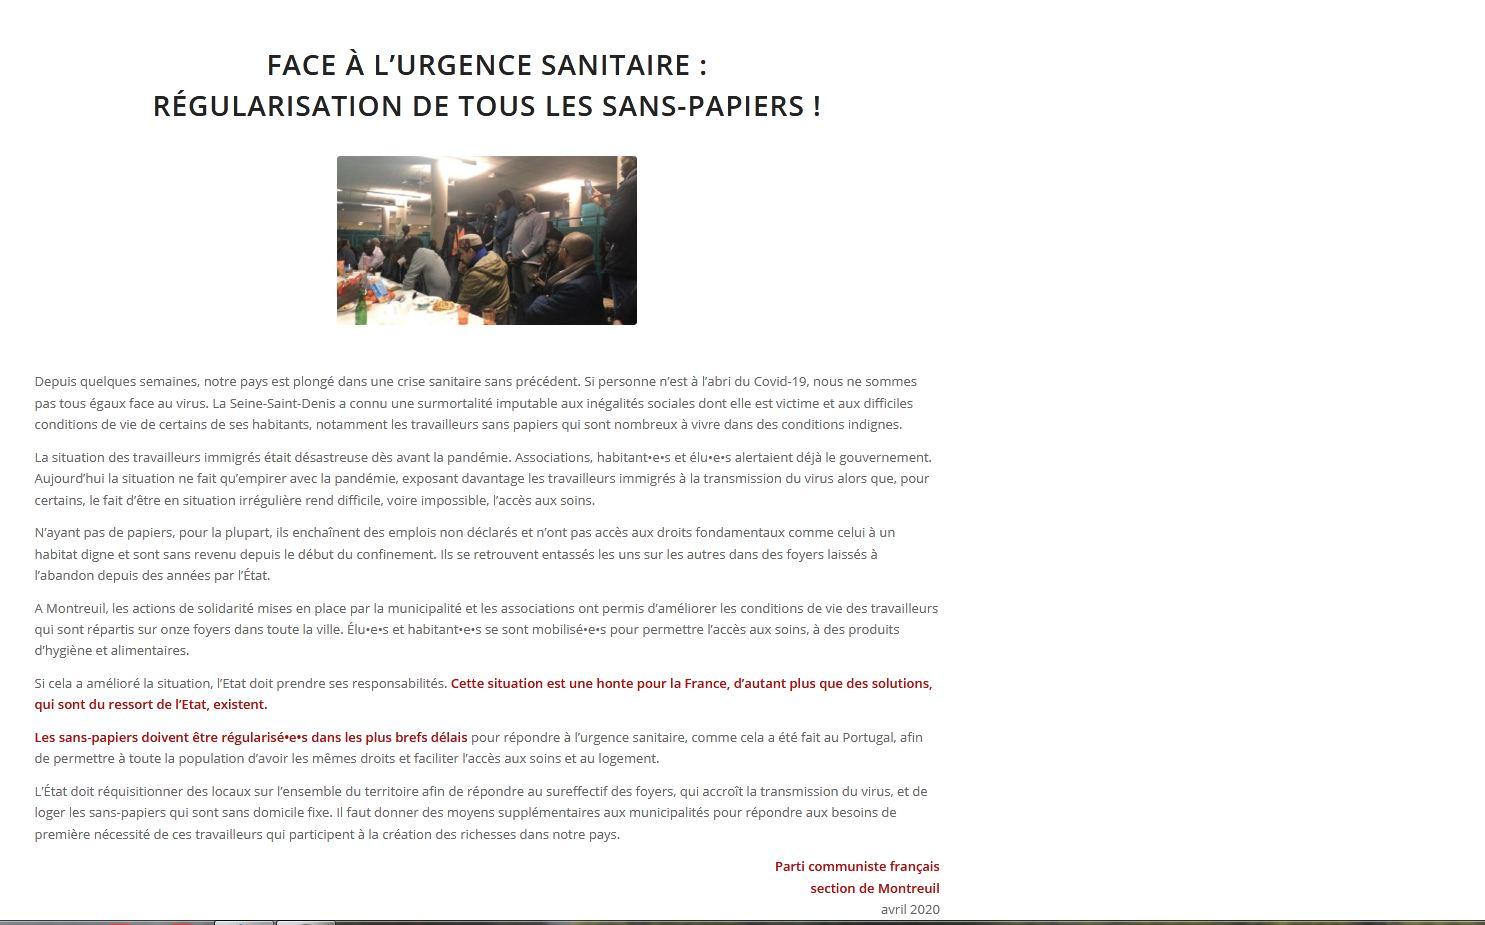 Capture_communique_Montreuil.JPG